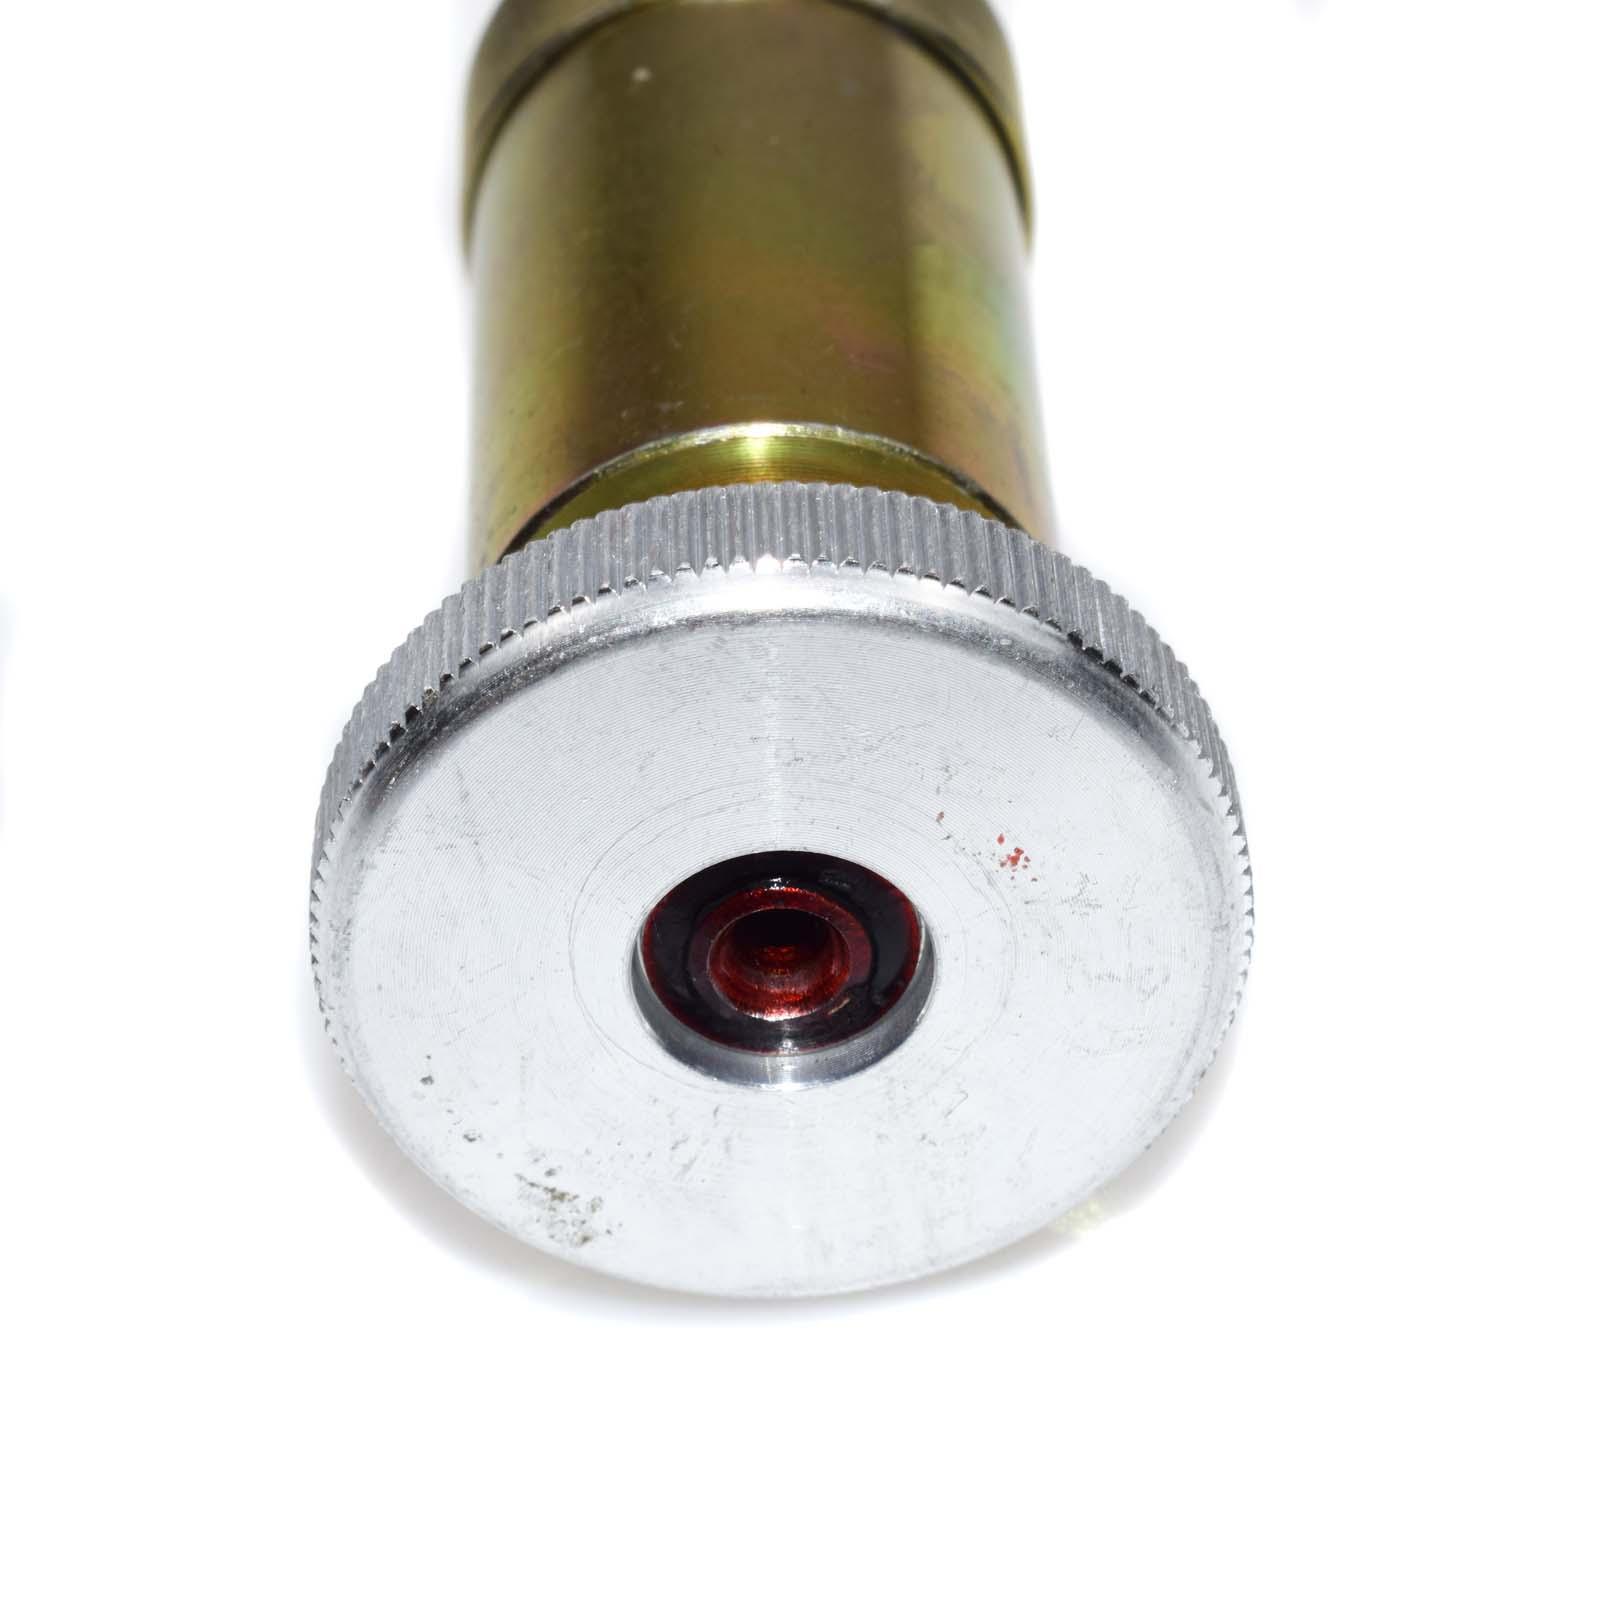 US $9 94 28% OFF WOLFIGO New Diesel Hand Pump Priming Fuel Pump Hand Primer  Oil Diesel Fuel Feed Pump 2447222000 2447222099 For Volvo FIAT-in Fuel